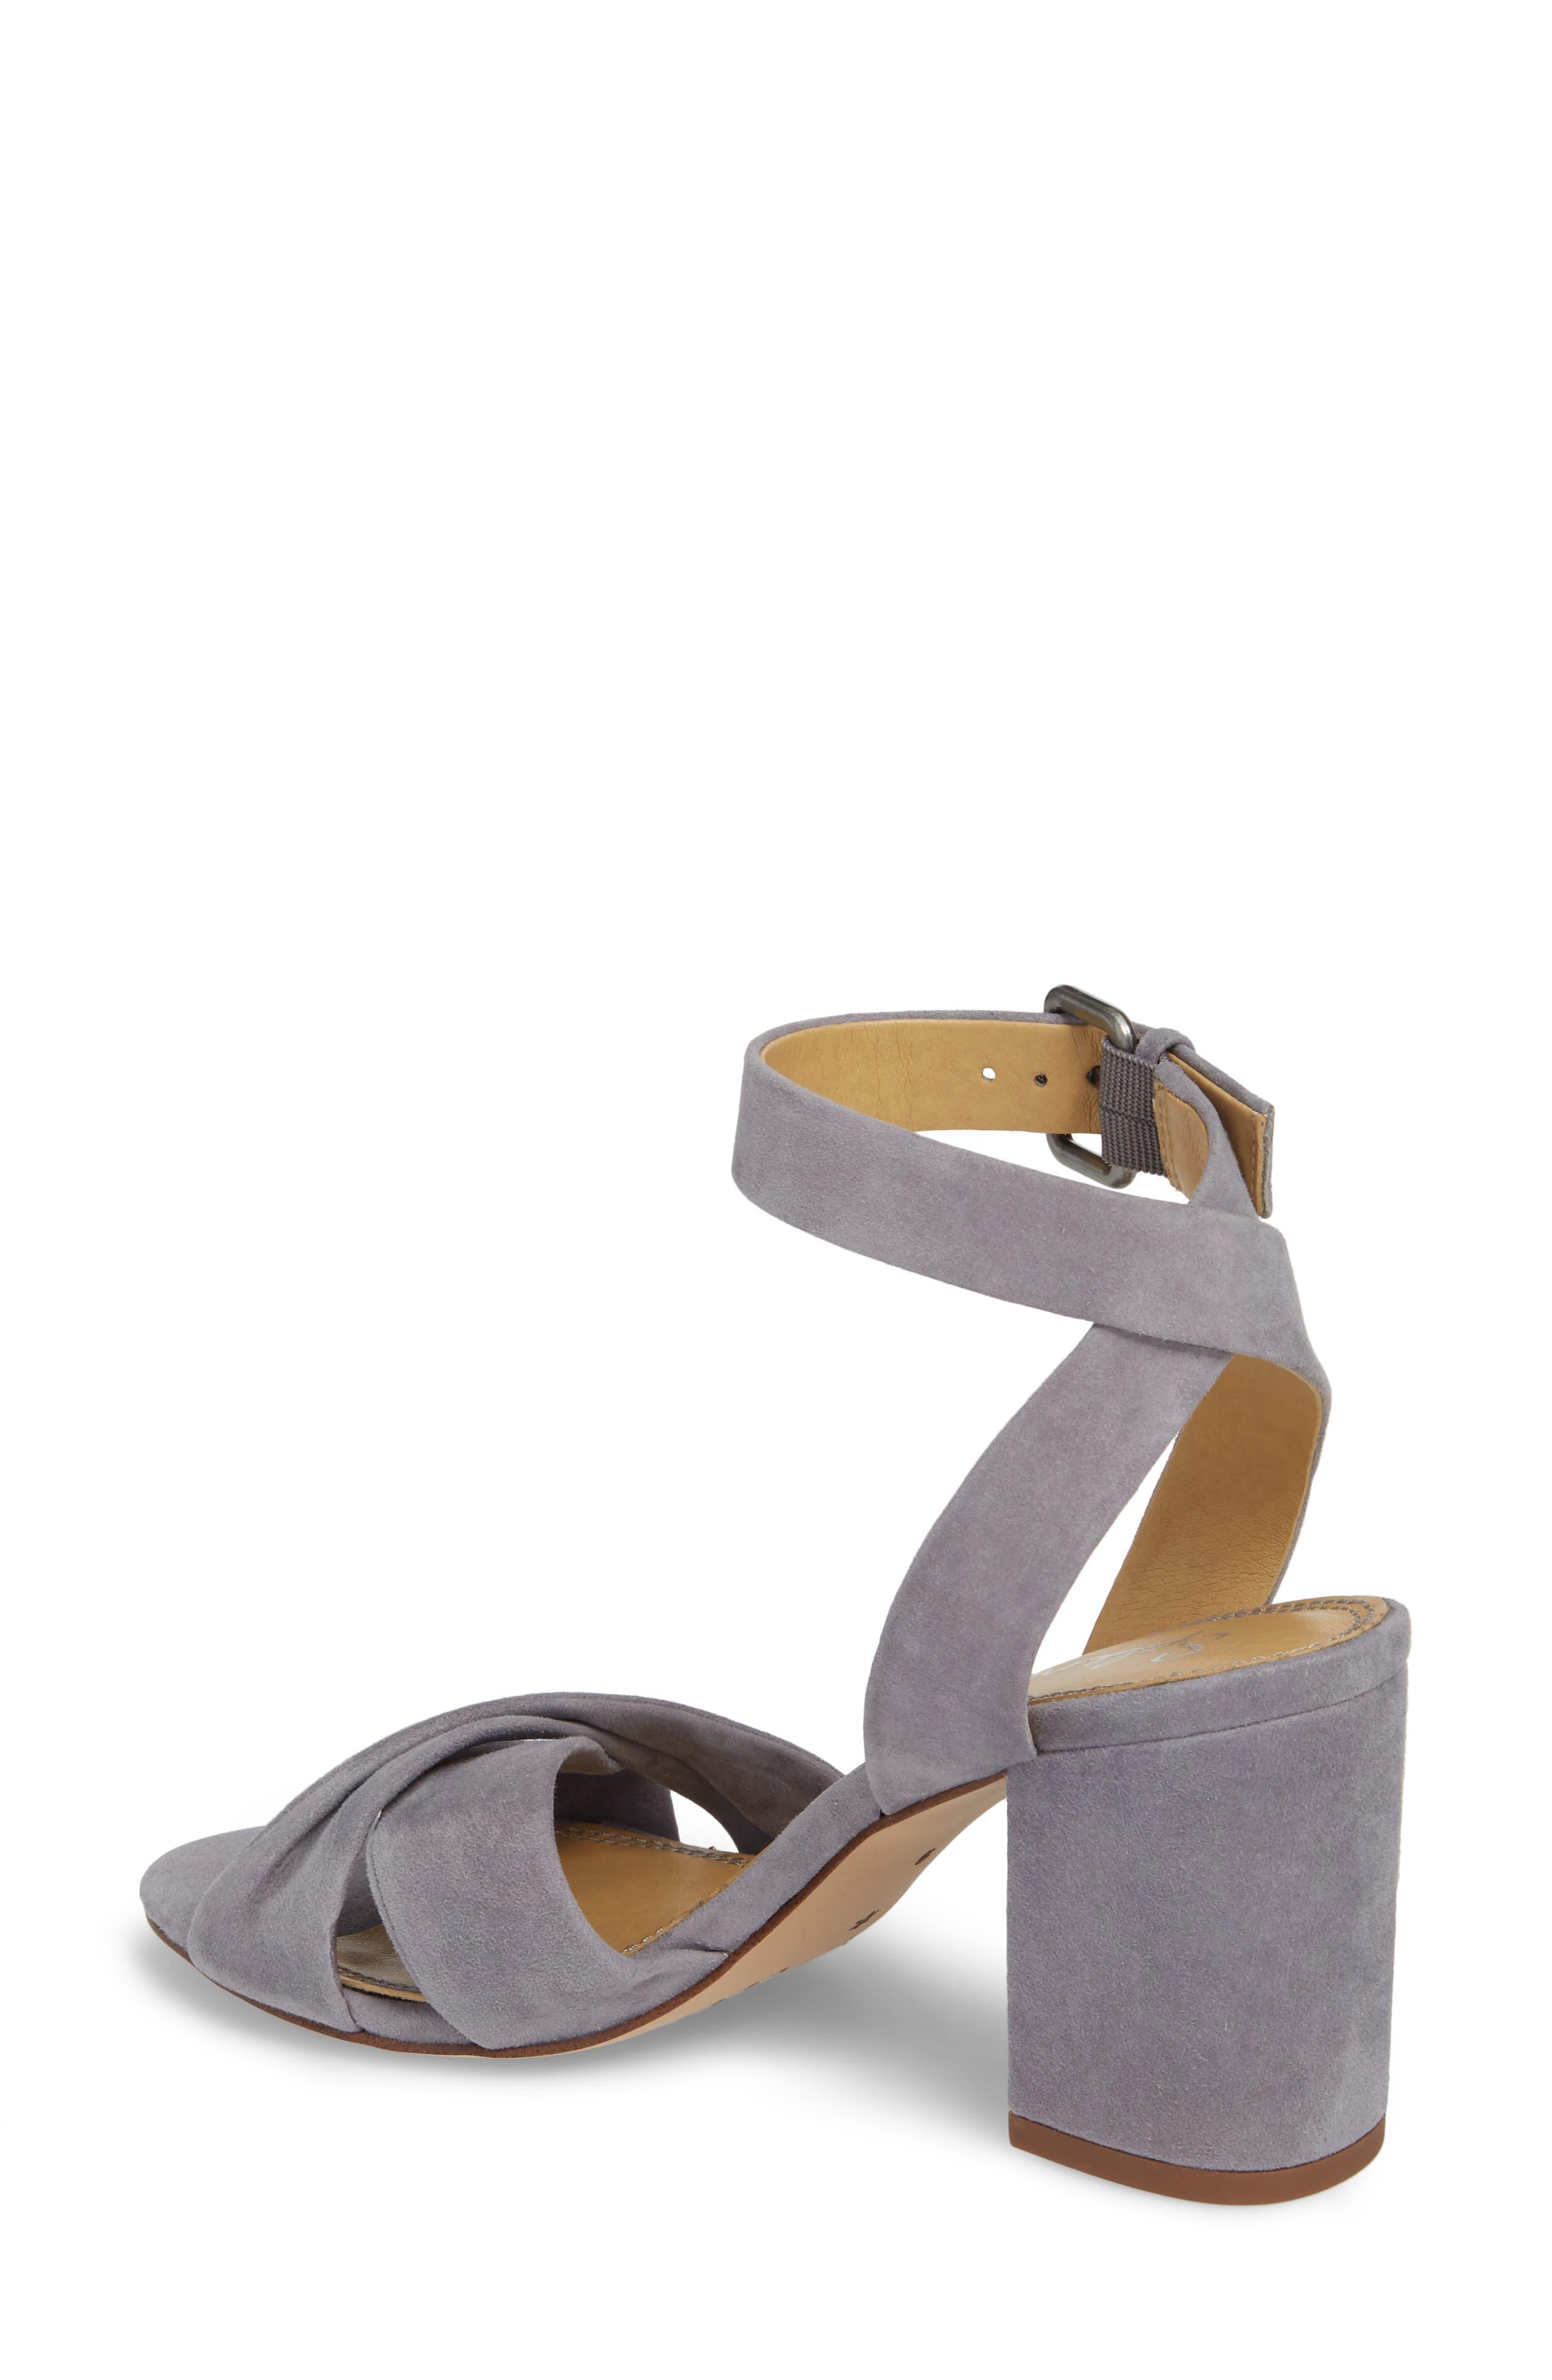 Fairy Block Heel Sandal,                             Alternate thumbnail 2, color,                             STEEL GREY SUEDE